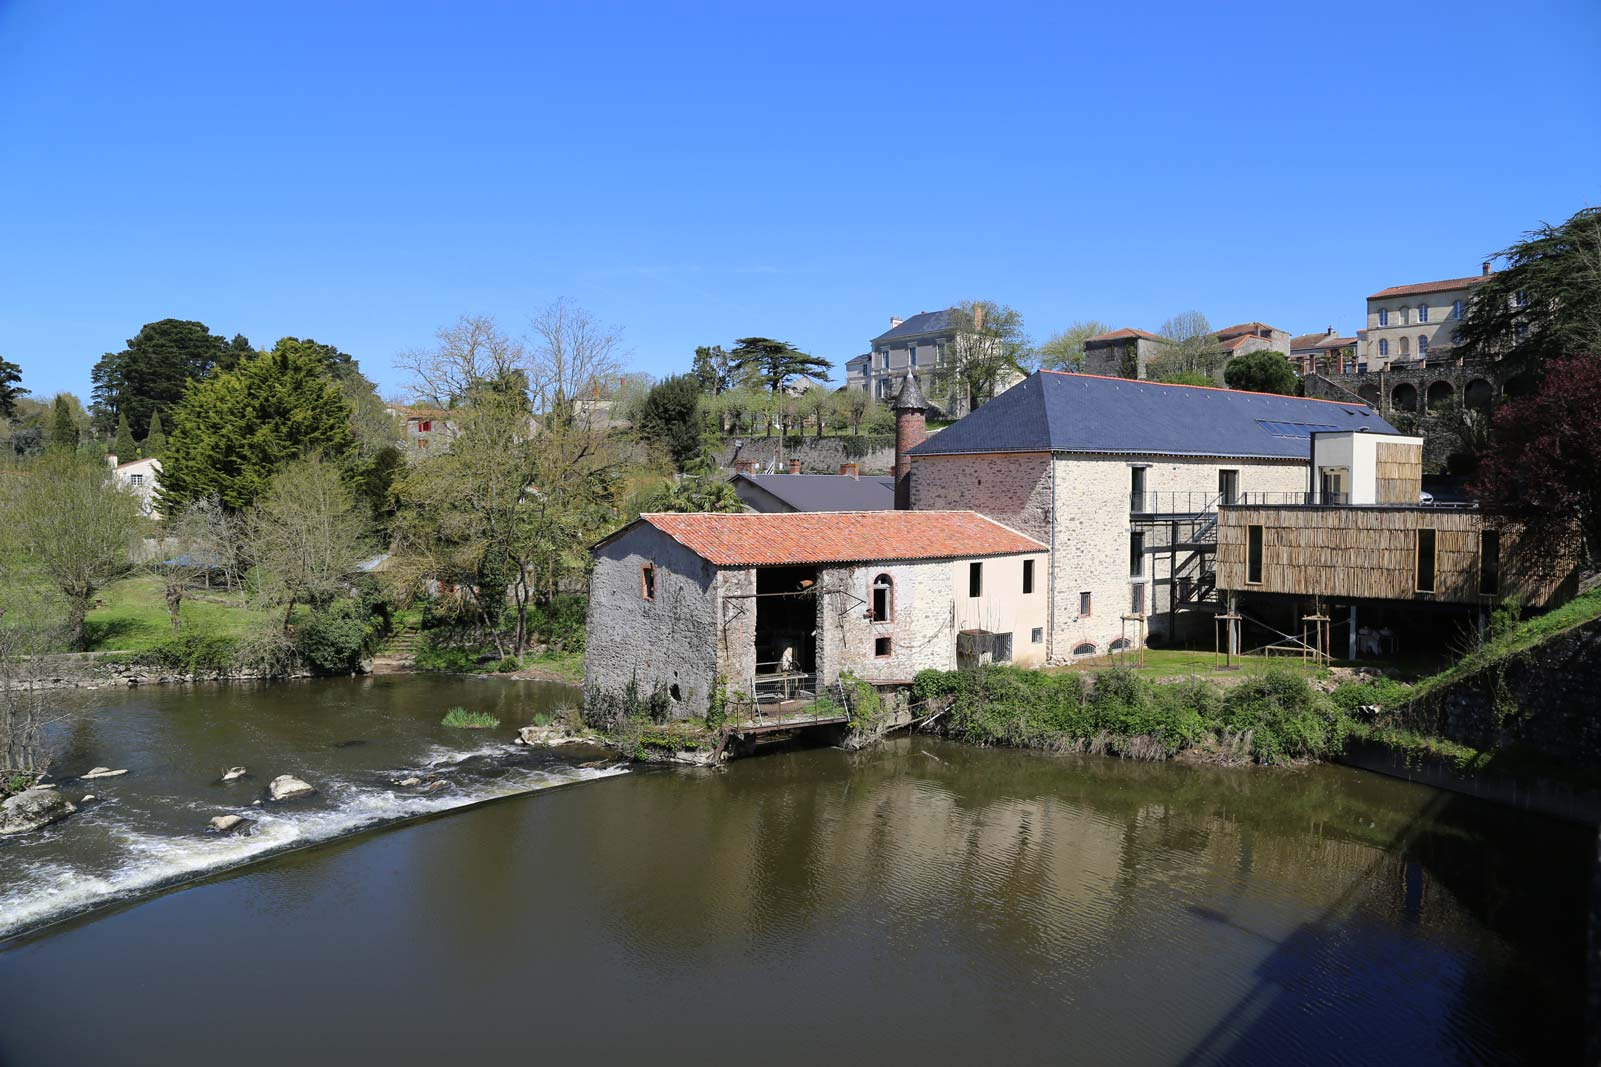 Moulin du Nid d'oies